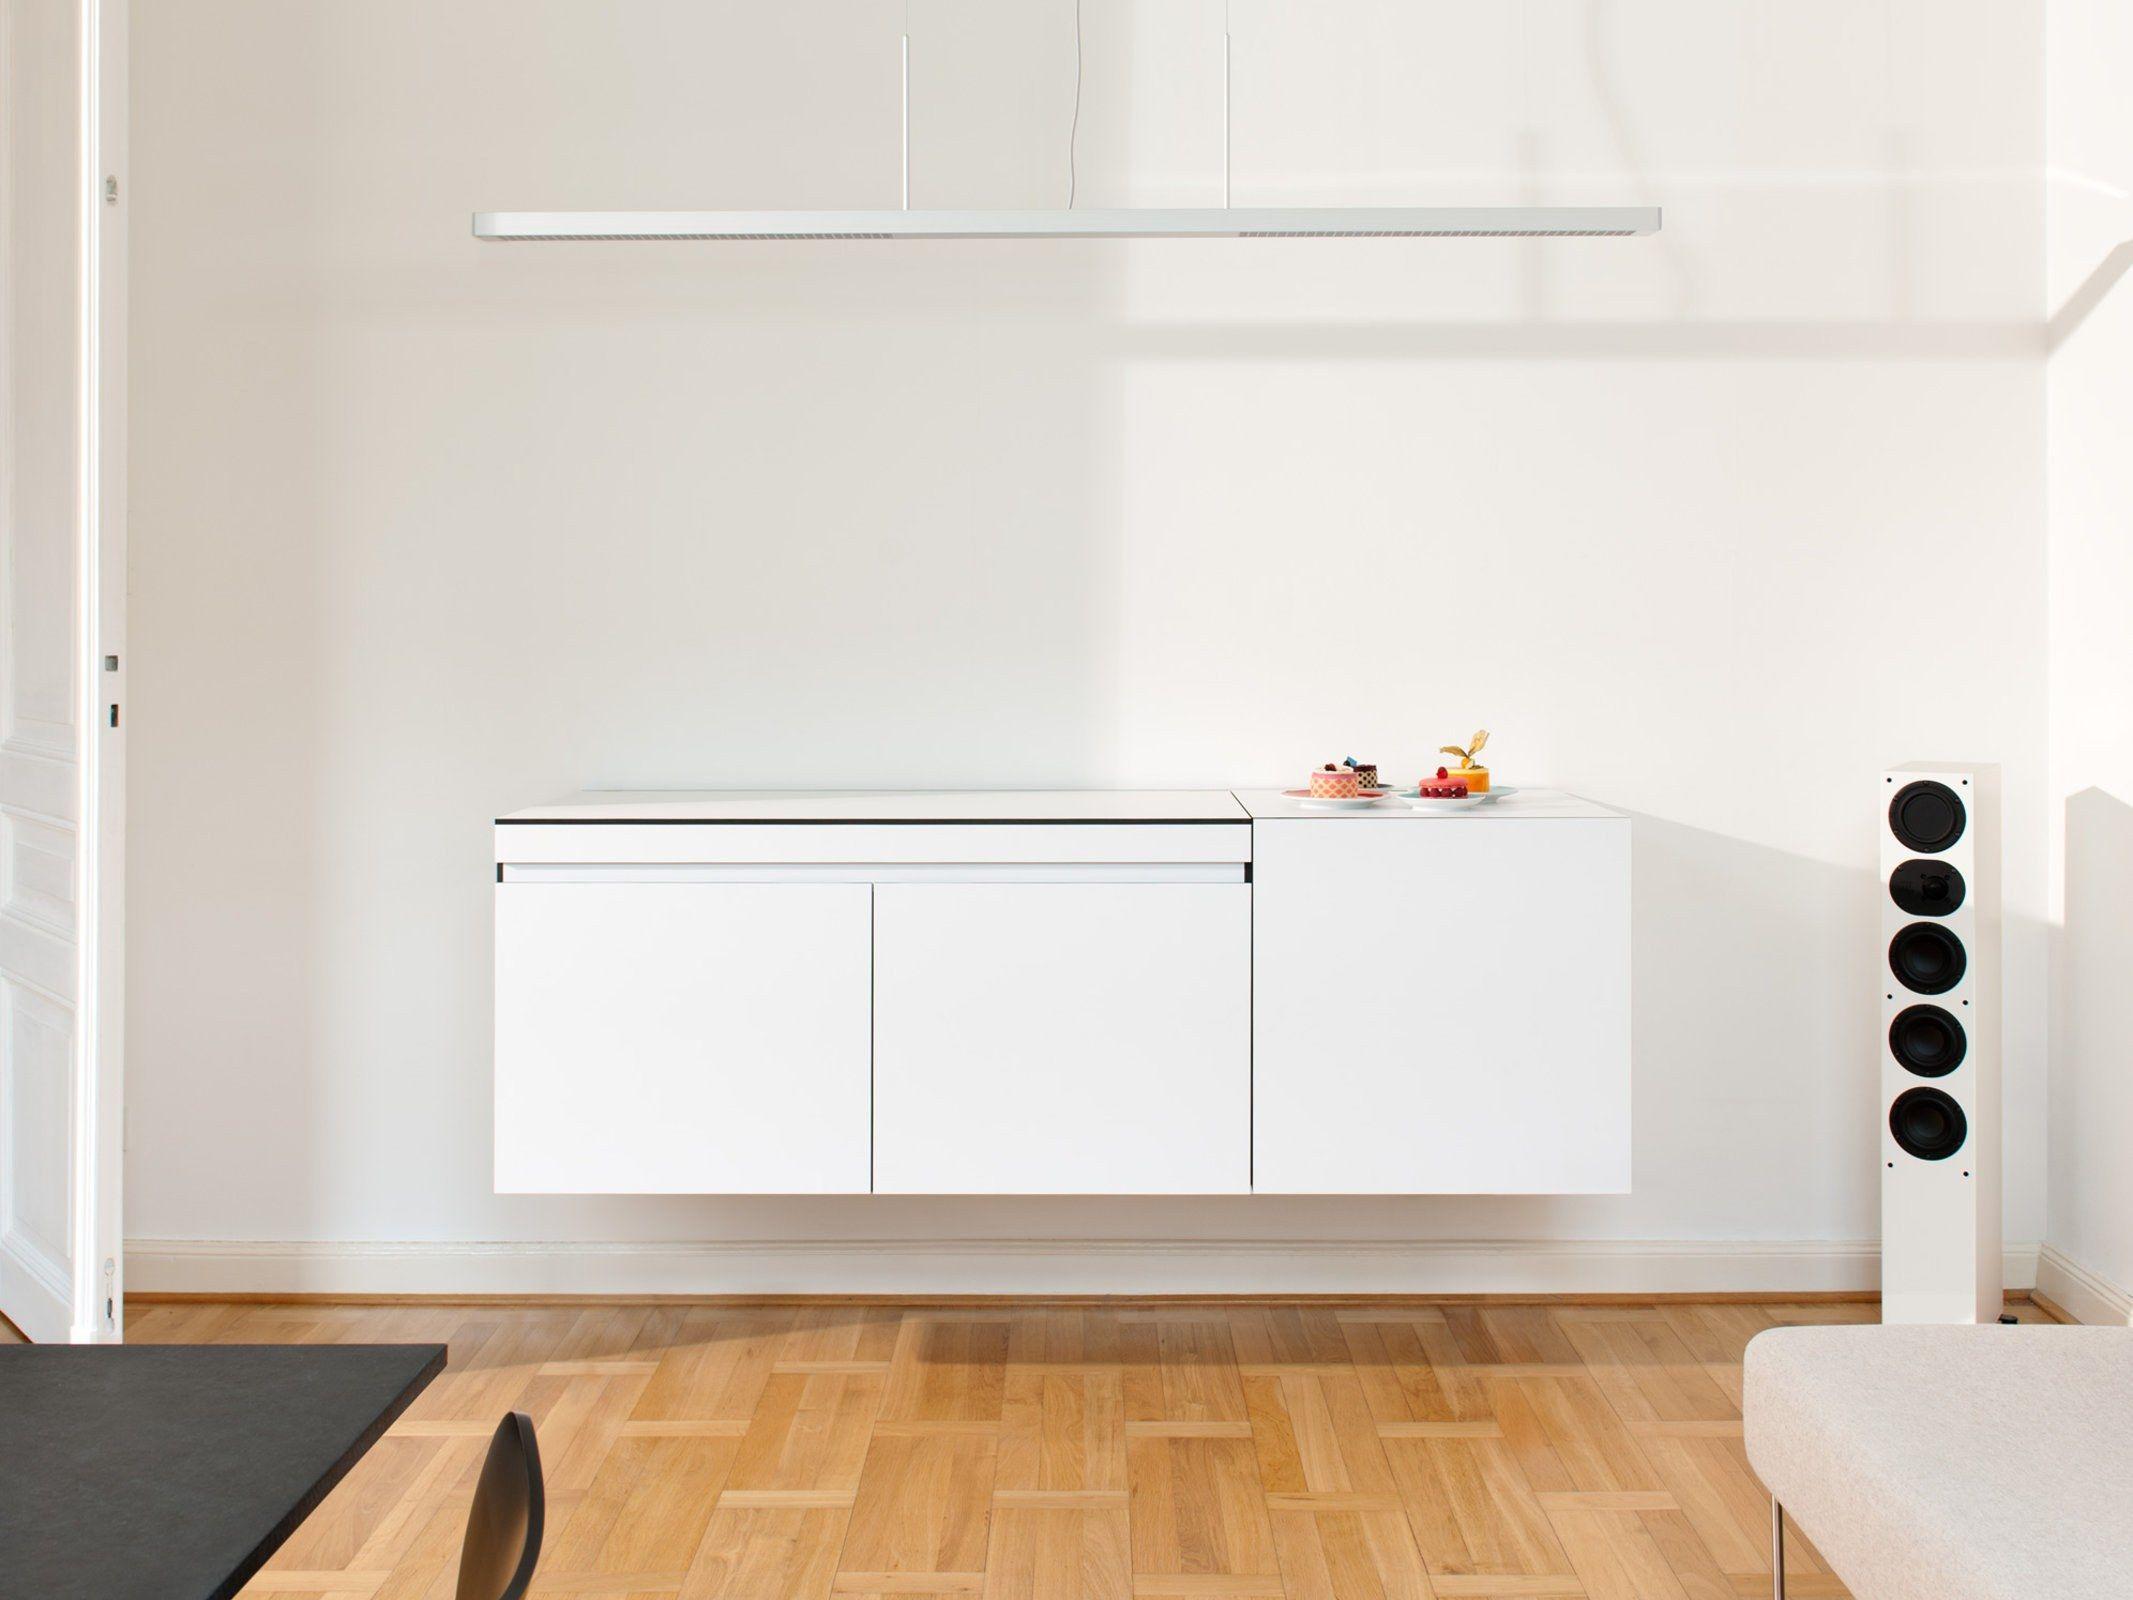 das montagsmöbel #24 – miniki modulküche - anneliwest|berlin